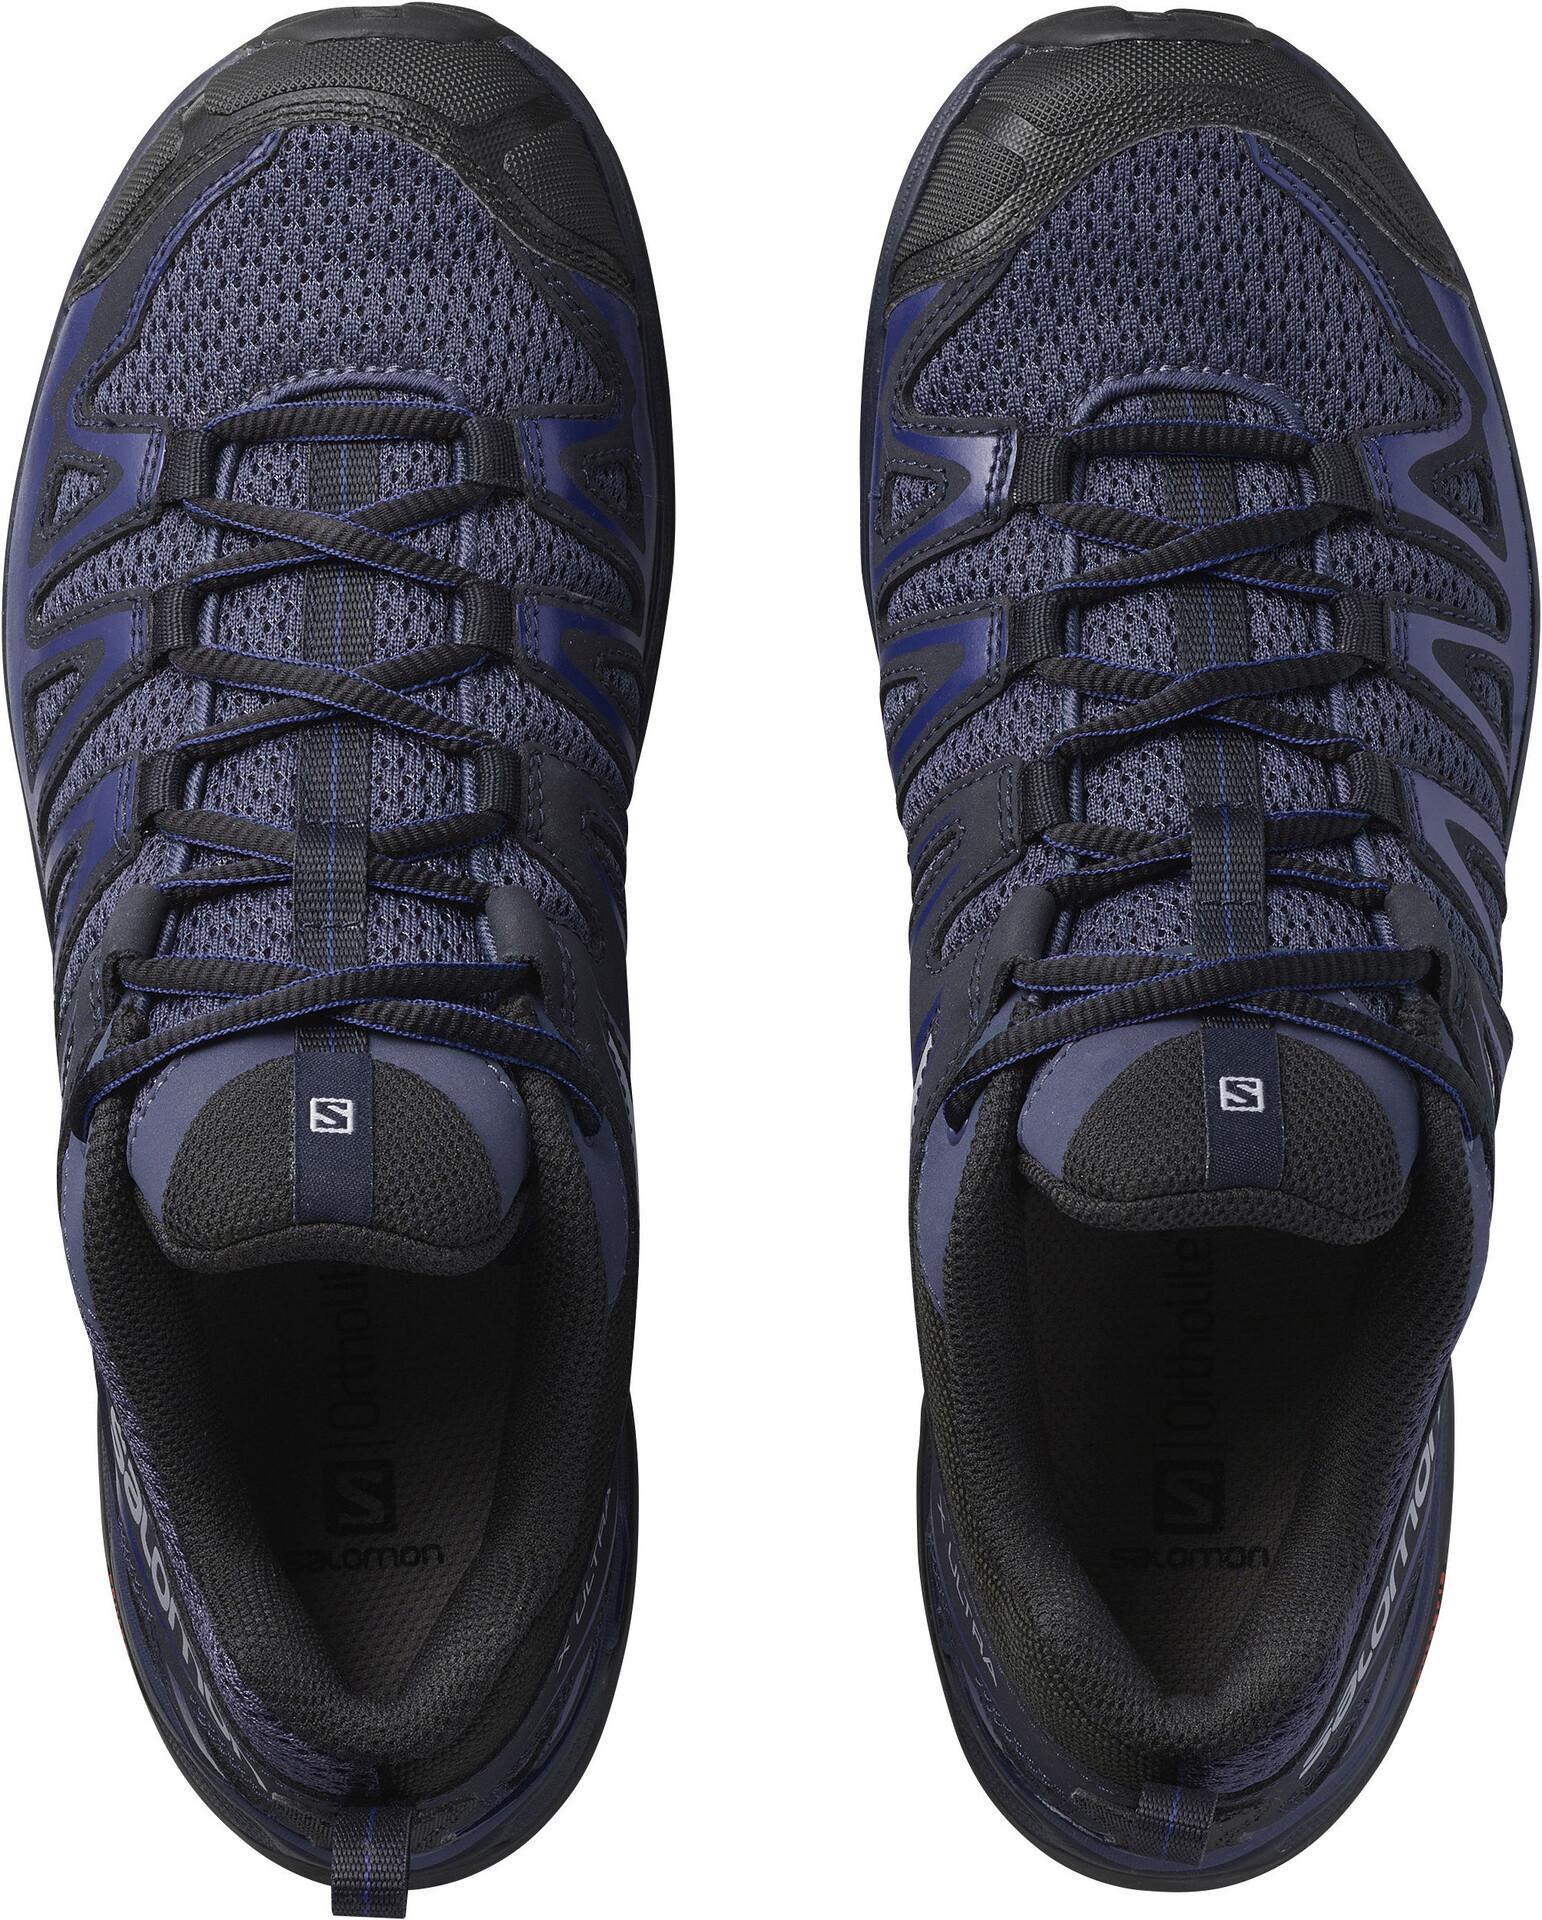 Ultra Chaussures 3 Prime Blue Salomon Bluenight Skyspectrum X FemmeCrown ukZOiPX